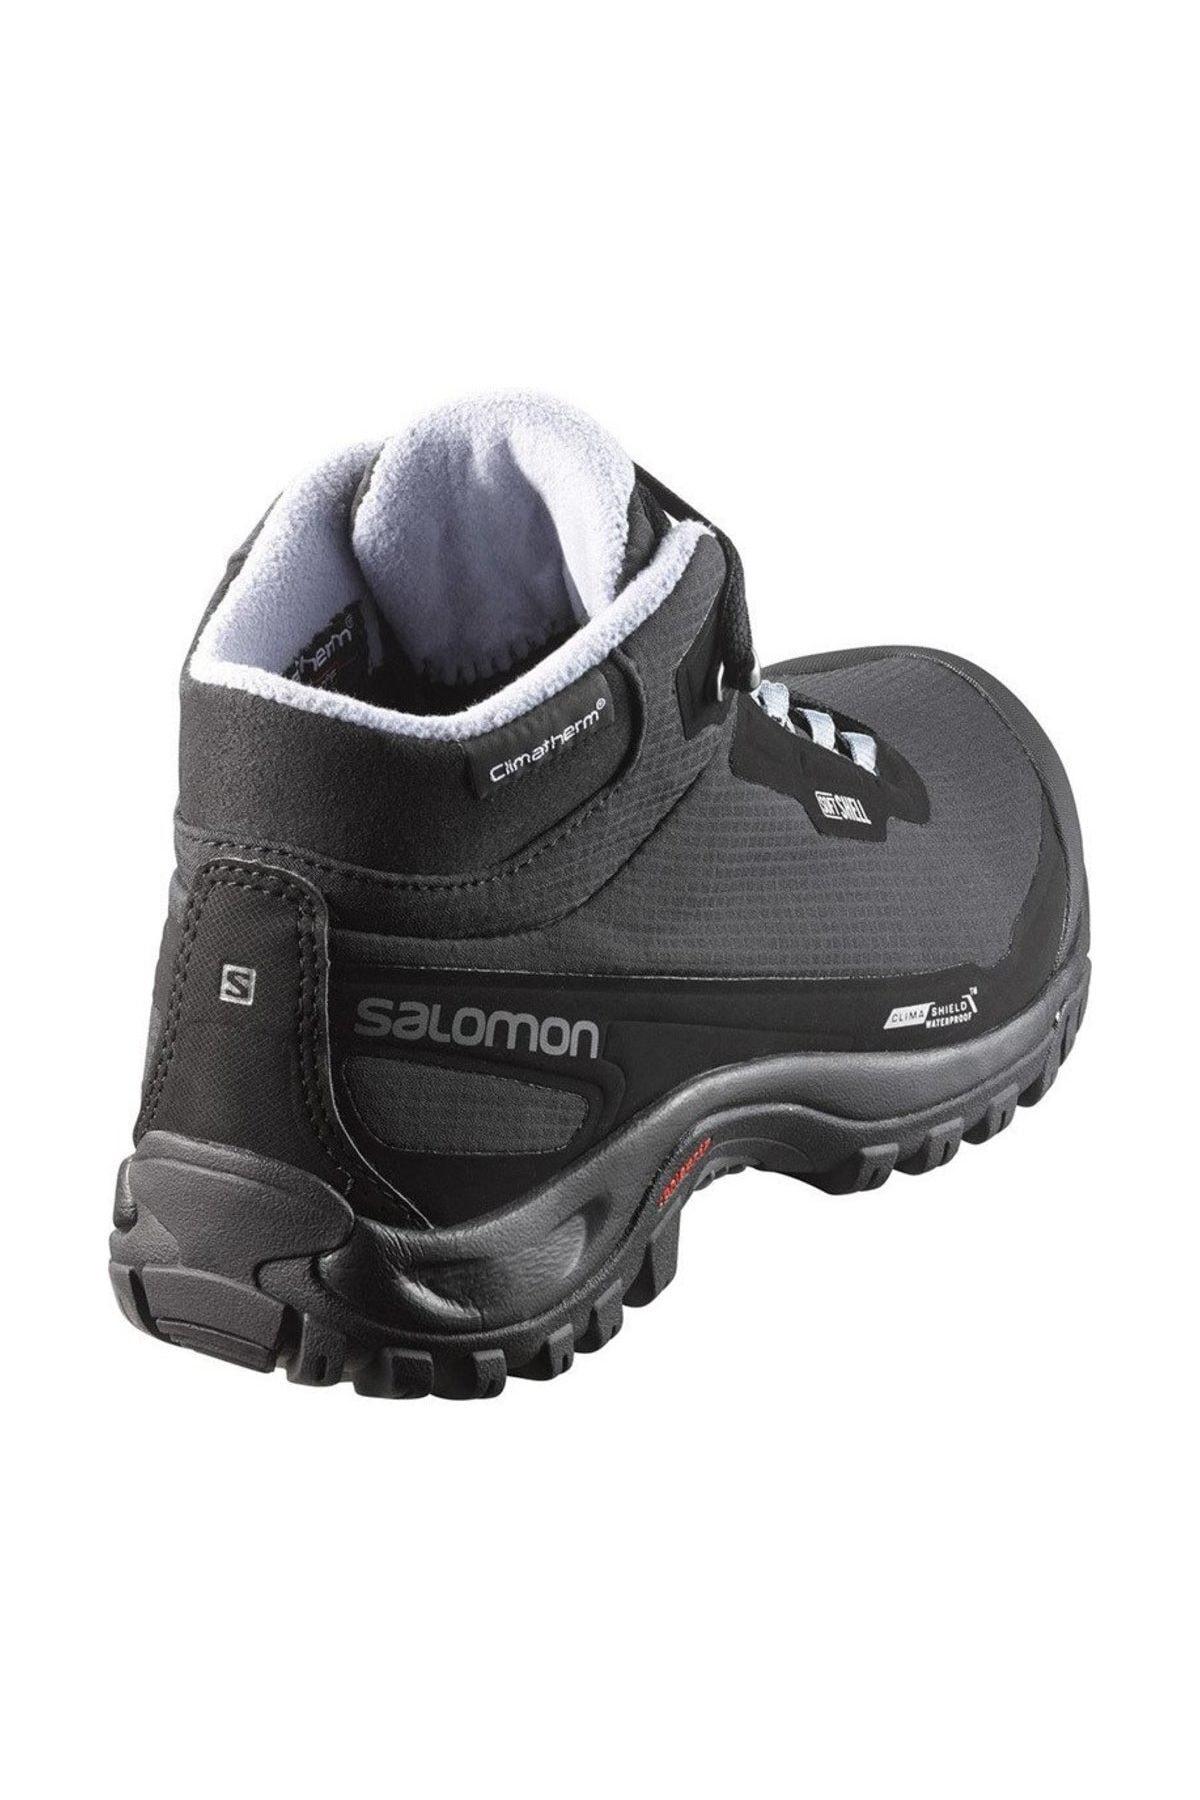 Salomon Kadın Bot & Bootie - Trekking L37687300 - L37687300 2